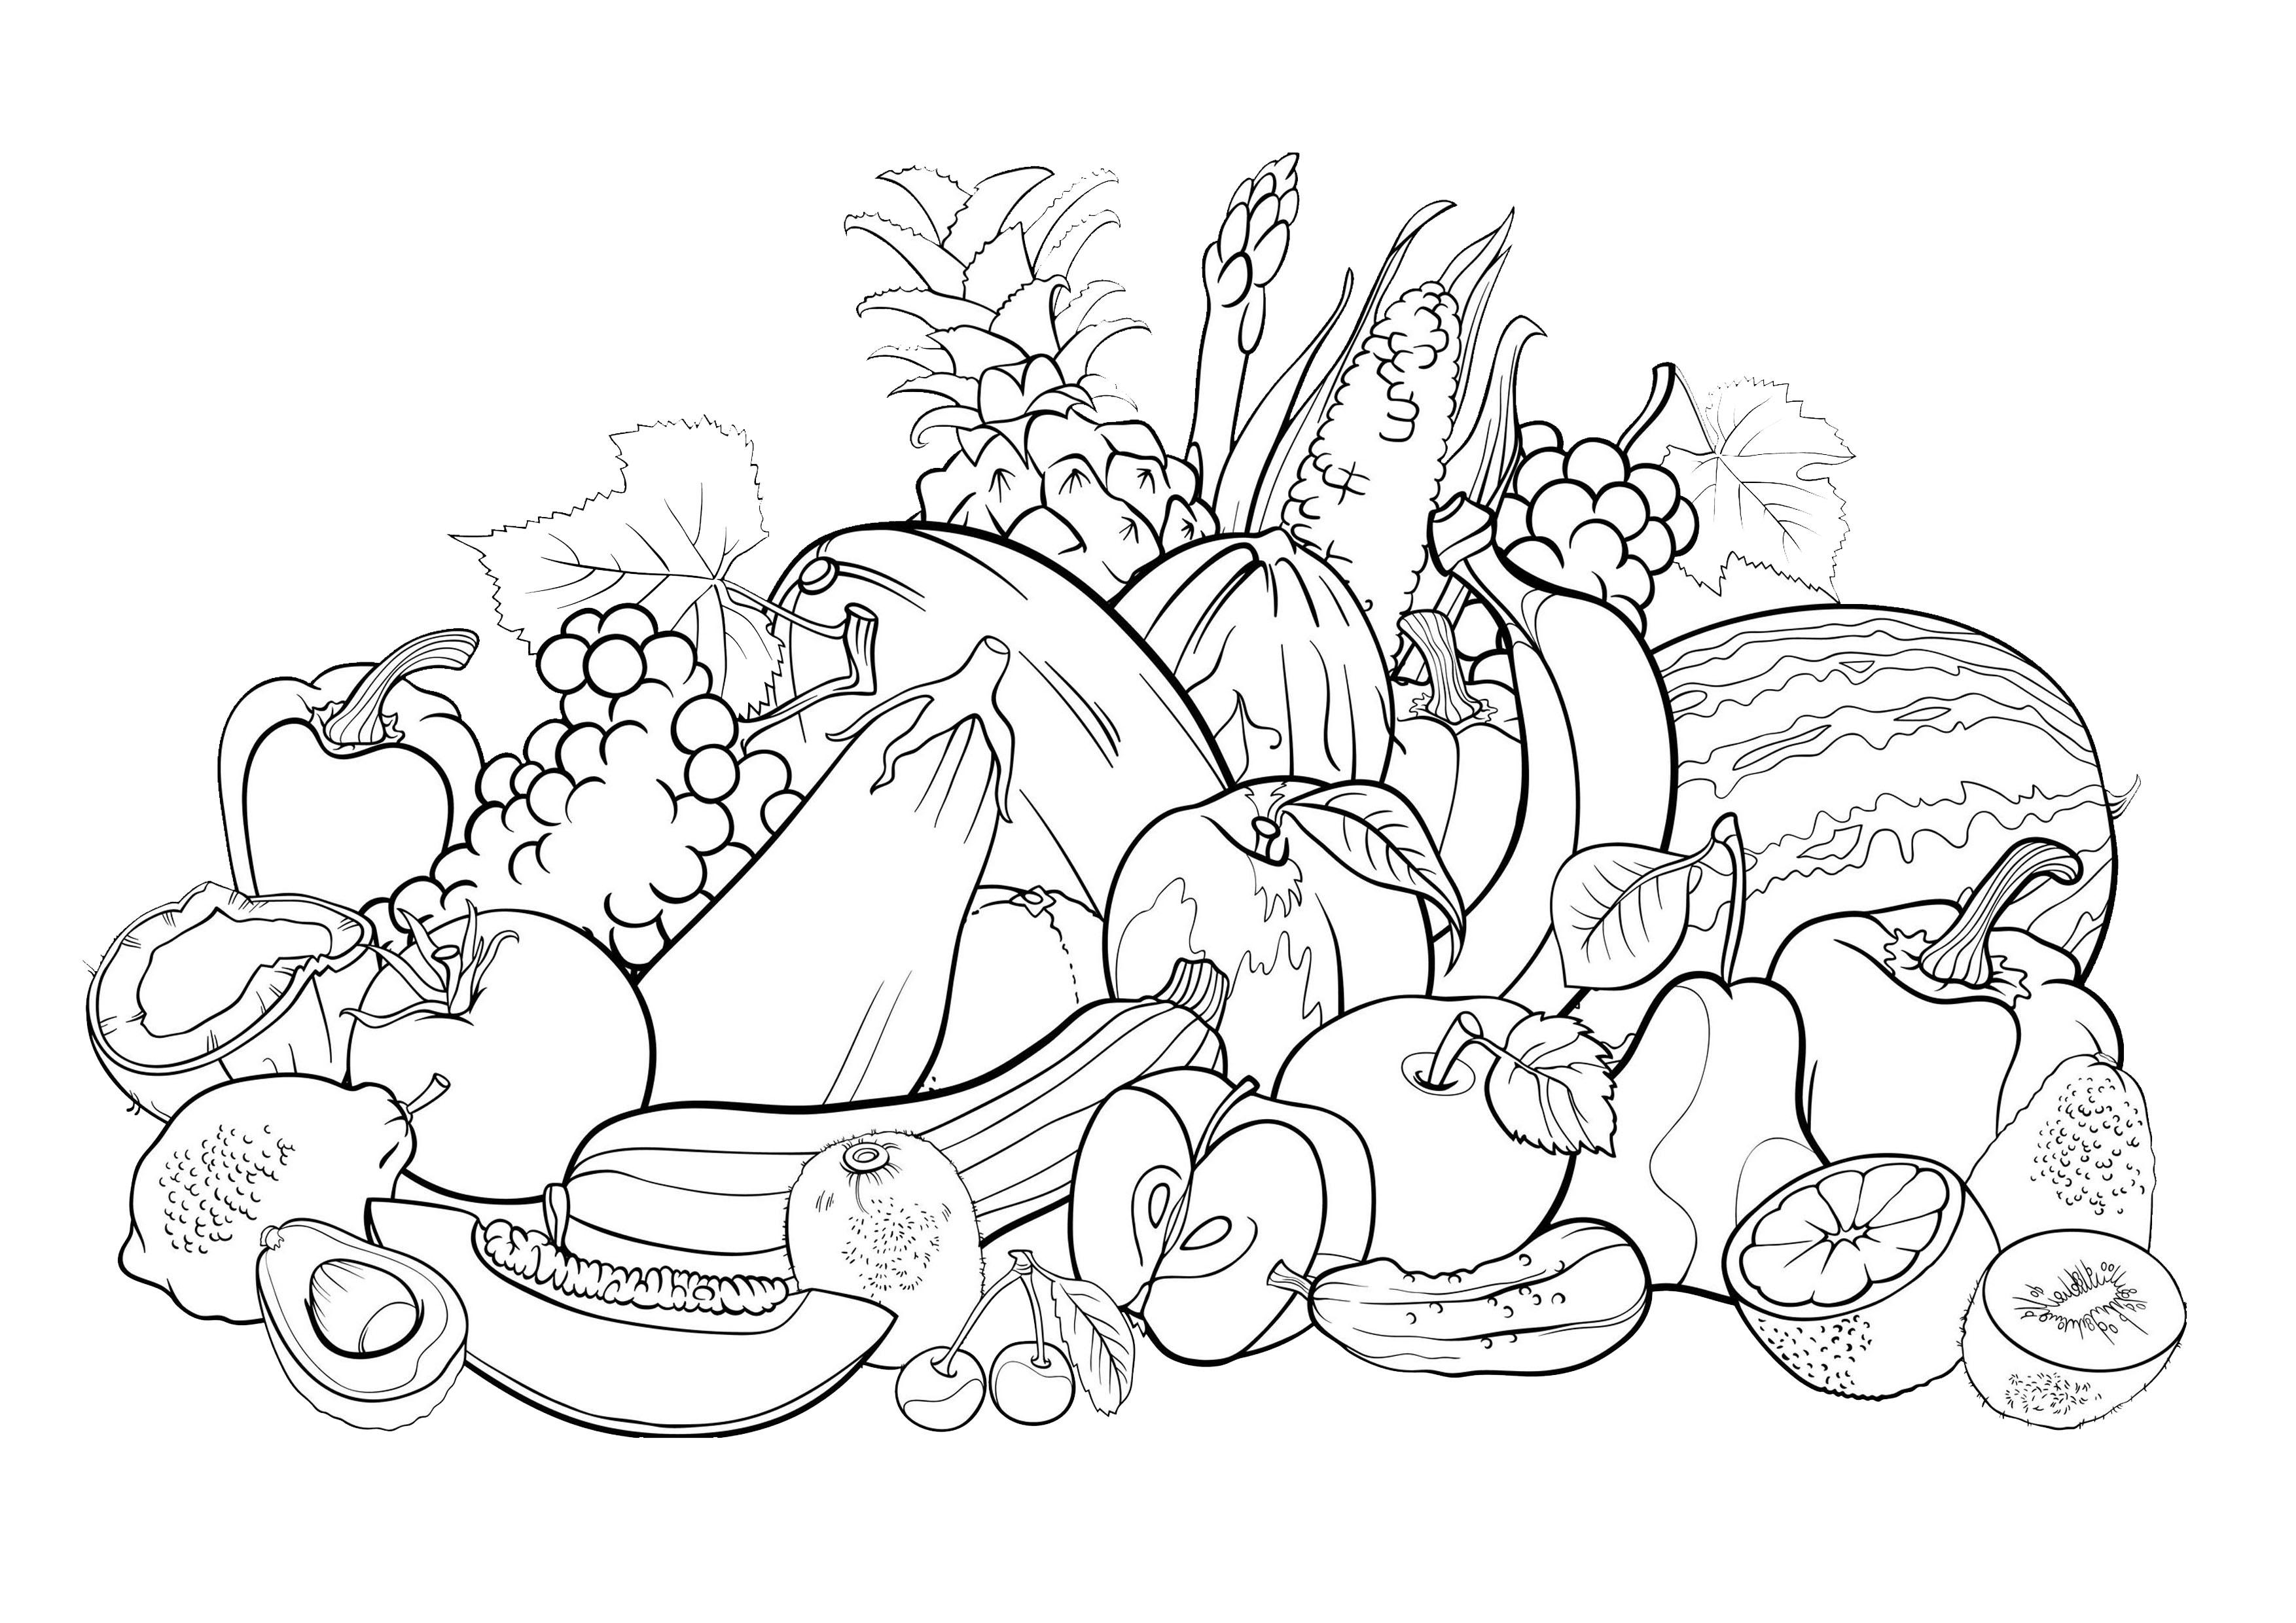 Et Coloring Pages. 2656 best images about coloriage et dessin on ...